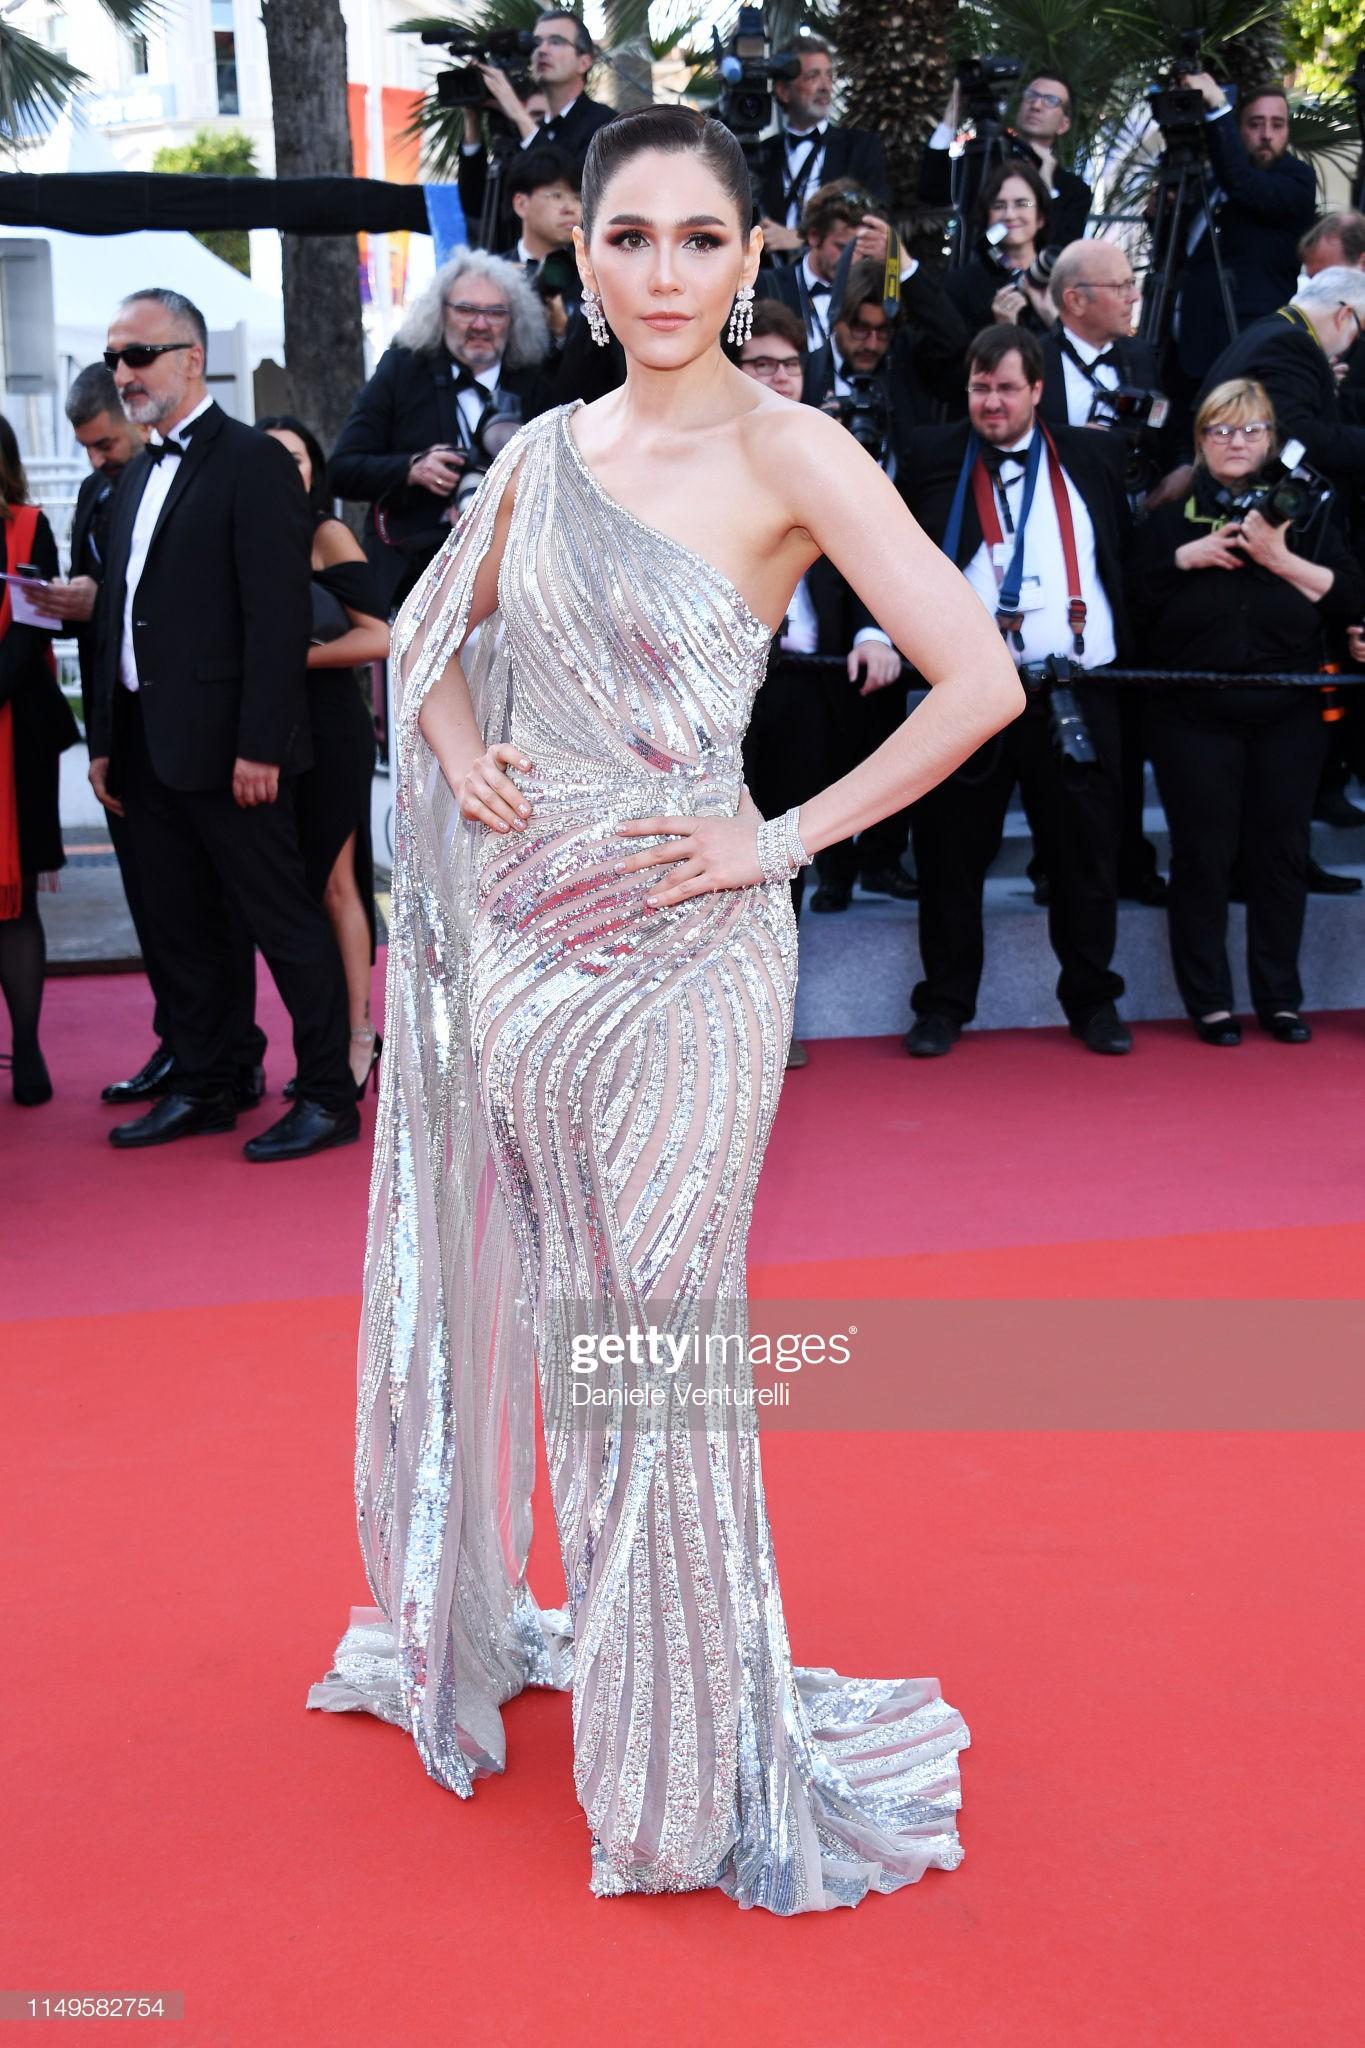 Thảm đỏ Cannes ngày 3: HLV The Face Thái Lan bất ngờ vùng lên chặt chém Bella Hadid cùng dàn mỹ nhân váy xẻ - Ảnh 17.